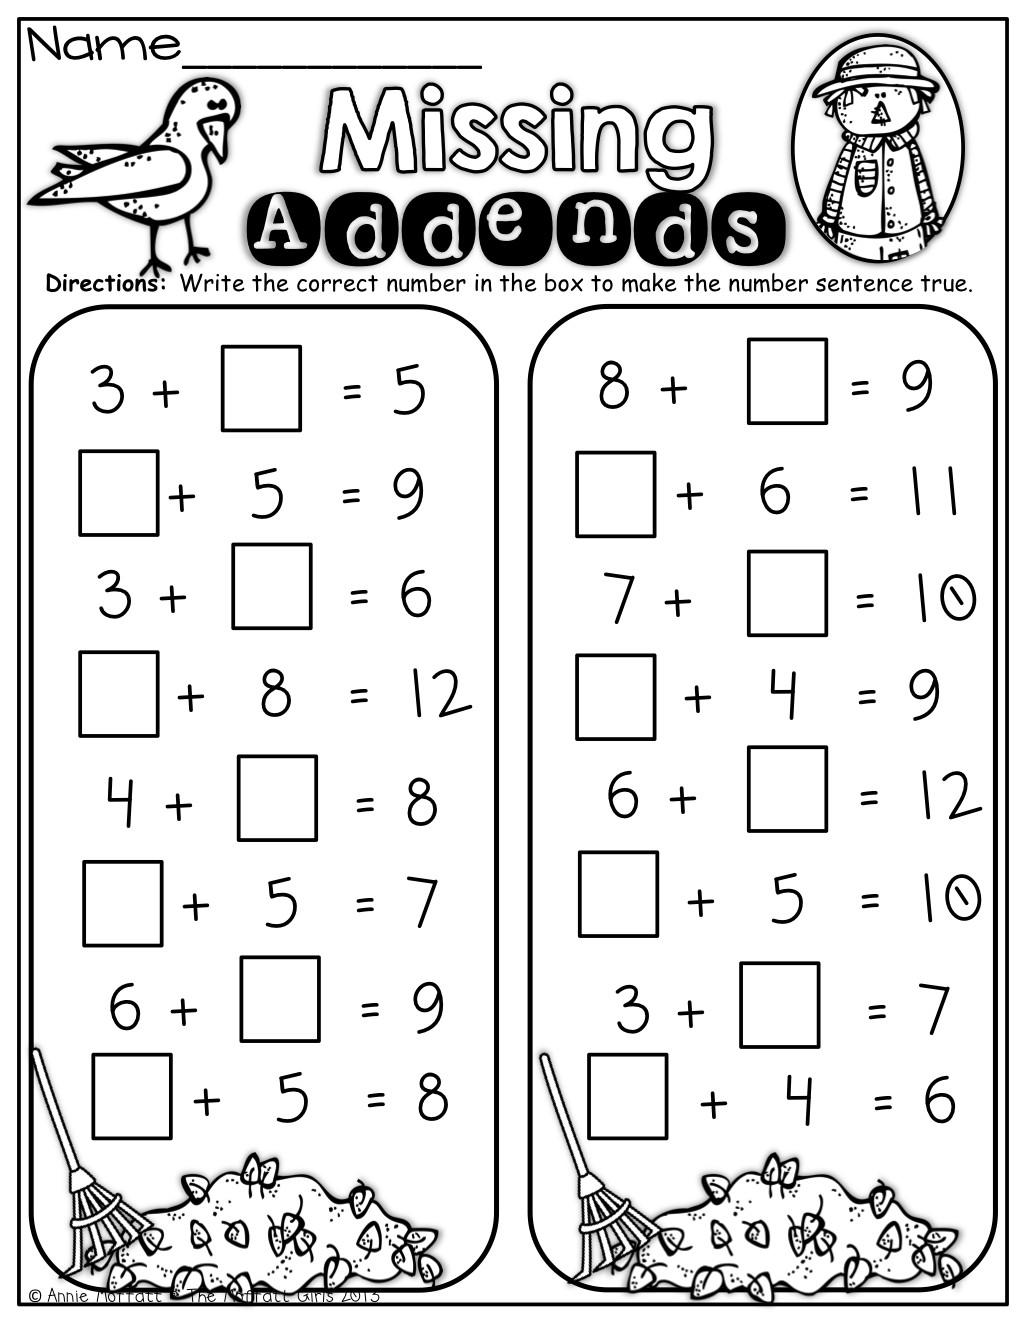 Missing Addend Worksheets Kindergarten Missing Addend Worksheet 1st Grade